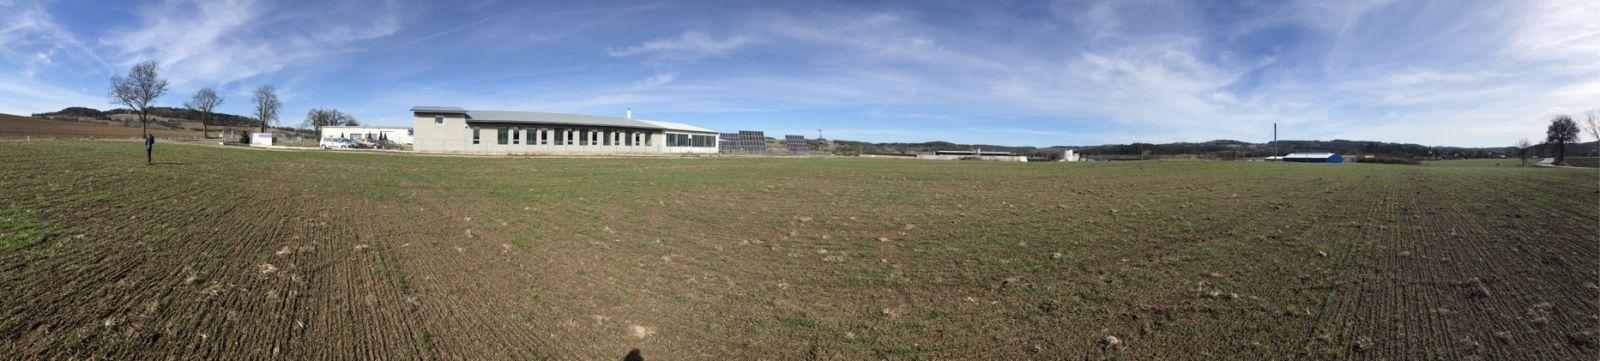 Pozemek pro výrobní či skladovací areál v Petrovicích